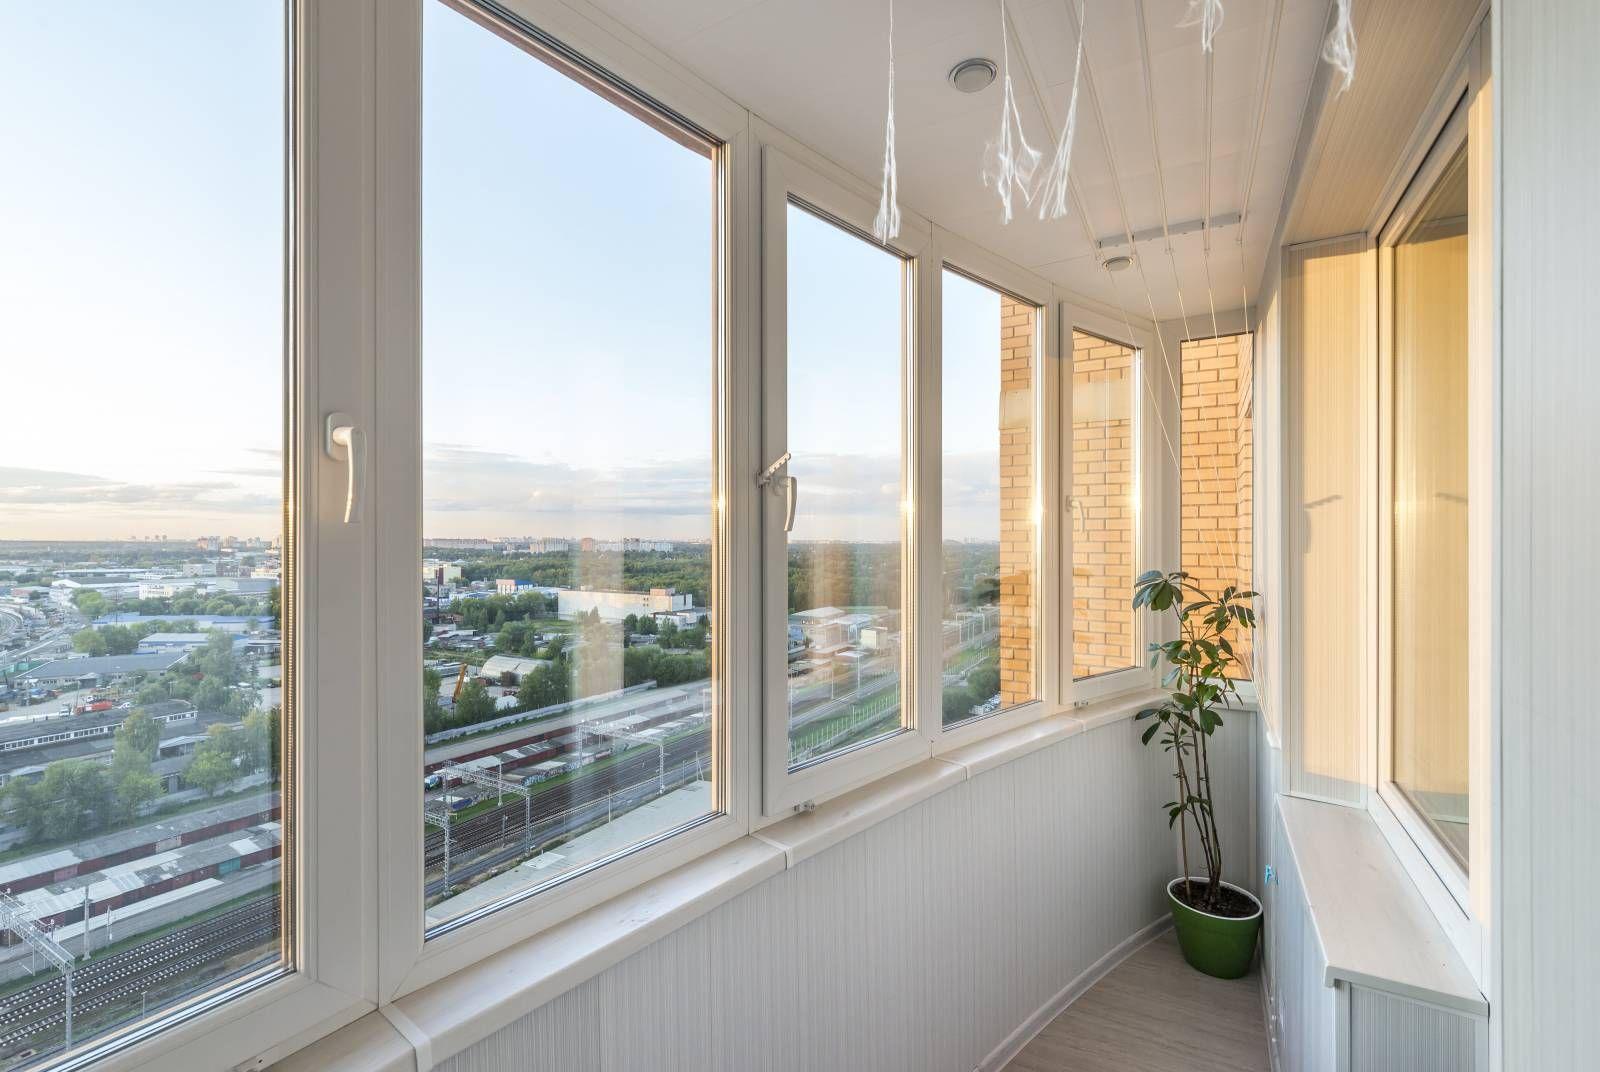 теплые балконы в картинках захожу сайт